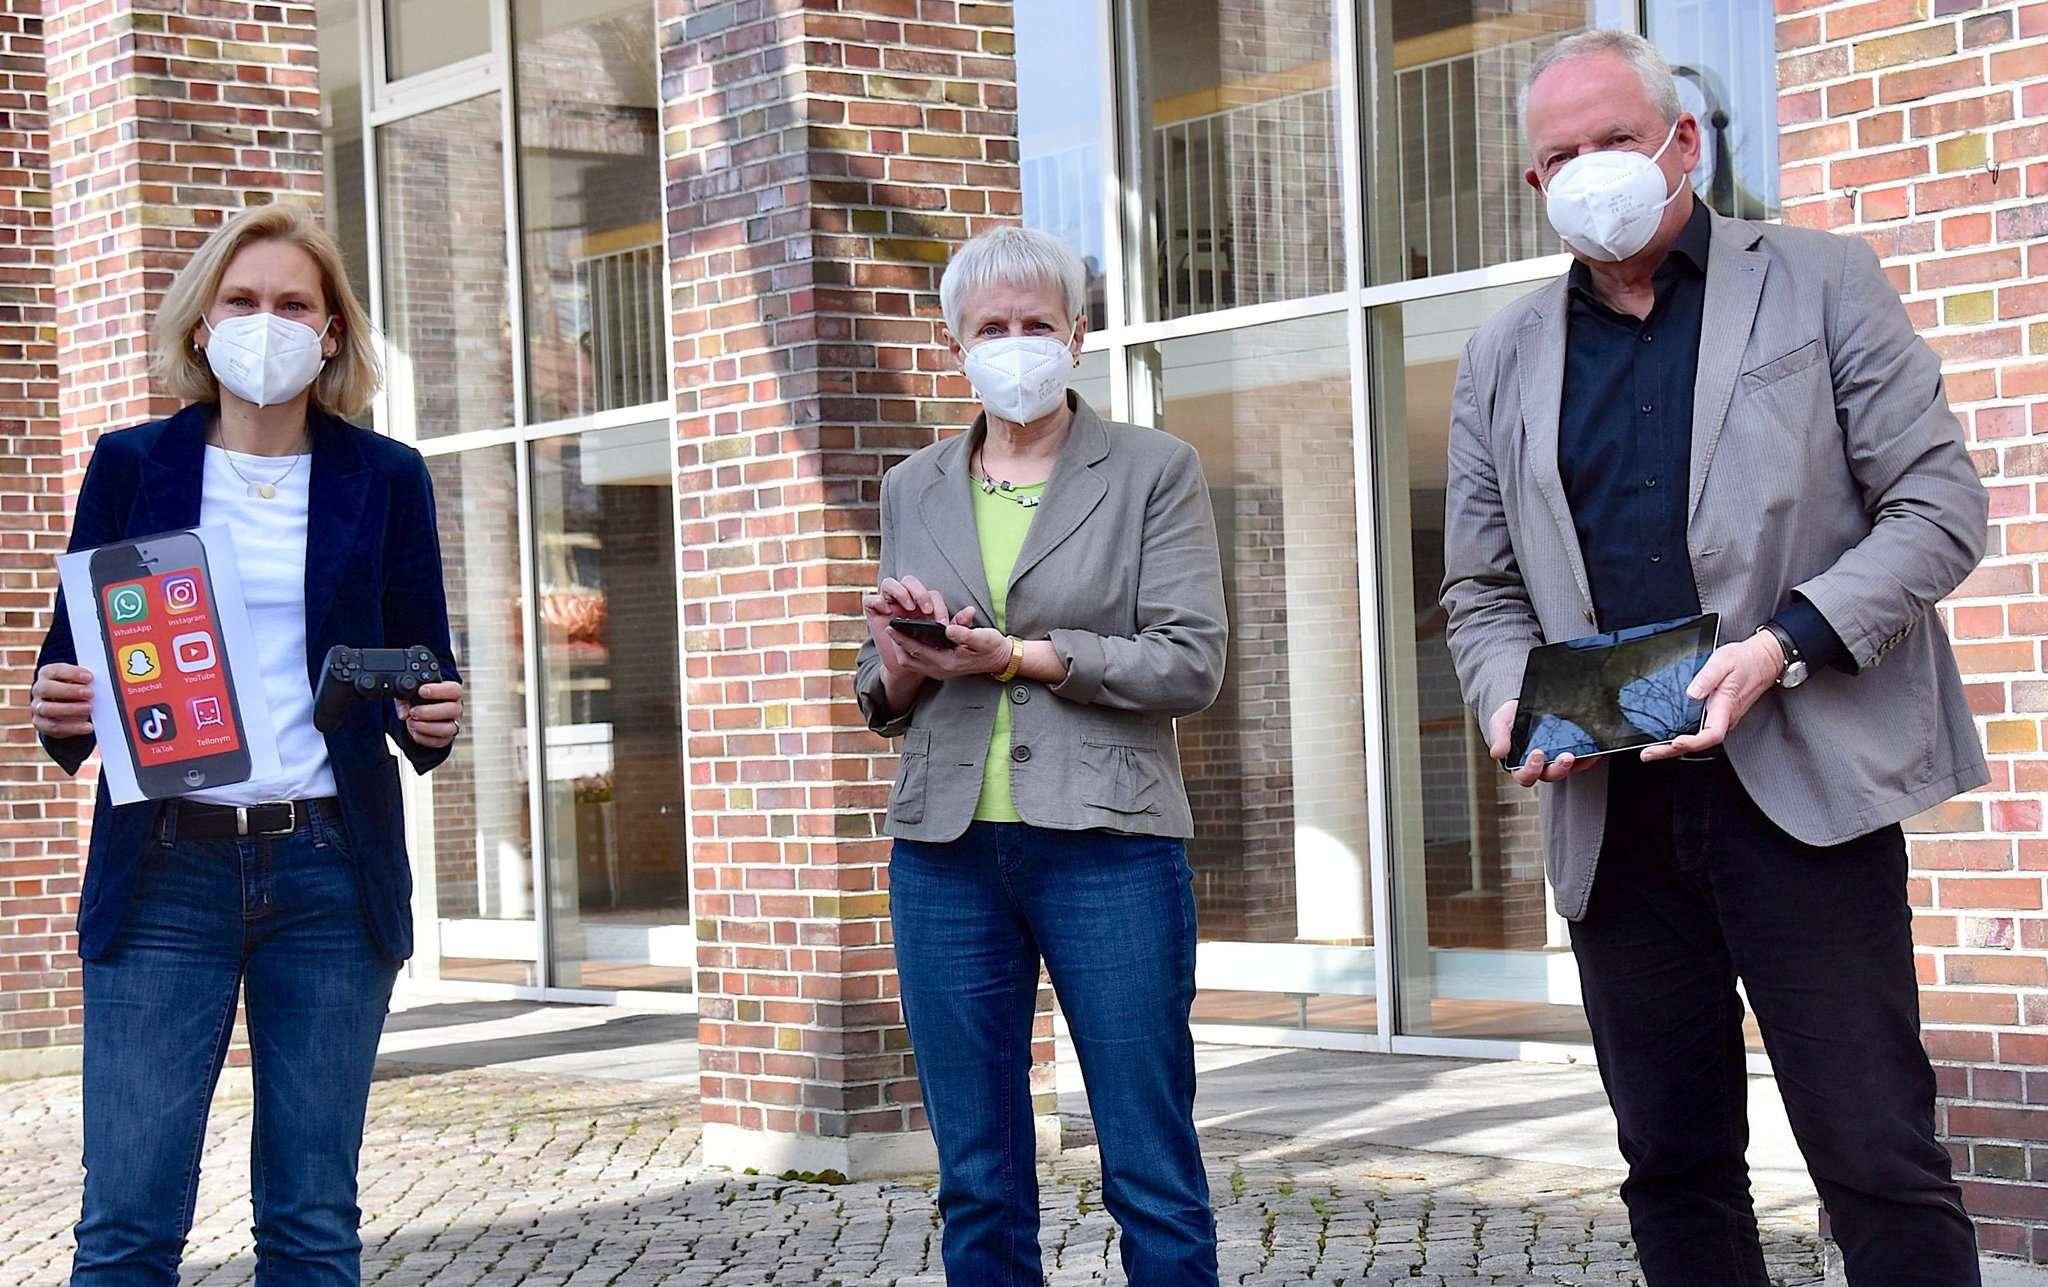 Die Mitglieder des Präventionsrats, von links: Ute Schwiebert, Elke Bellmann und Andreas Weber. Sie weisen auf das Eltern-Webinar hin. Ob mit Handy, Tablet oder am PC u2013 Mediennutzung erfordert Übung.